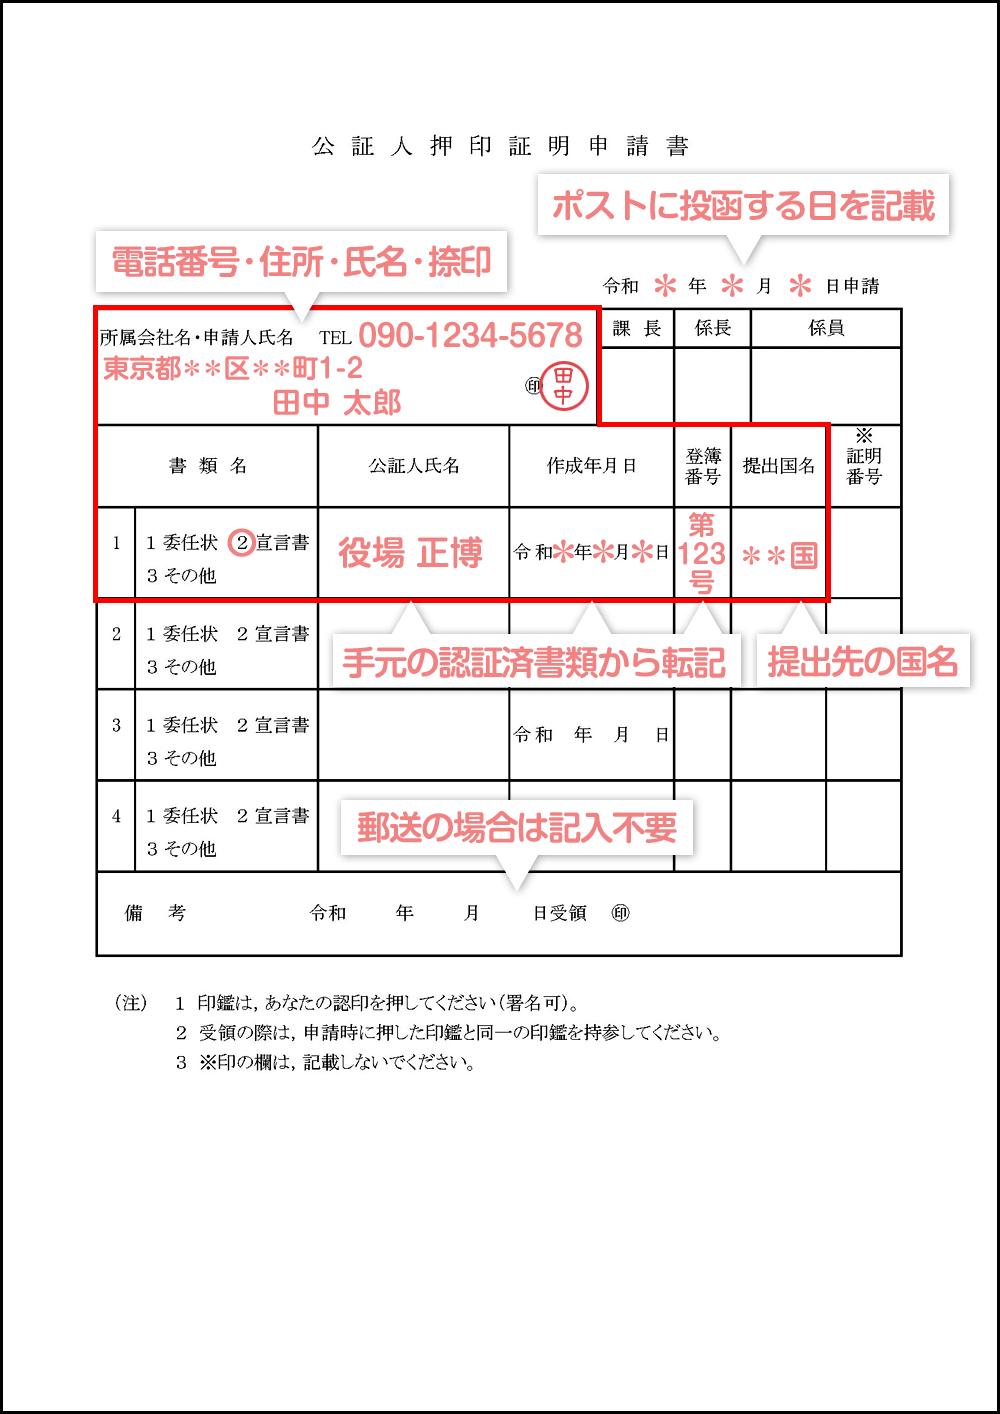 公証人押印証明申請書の見本・サンプル